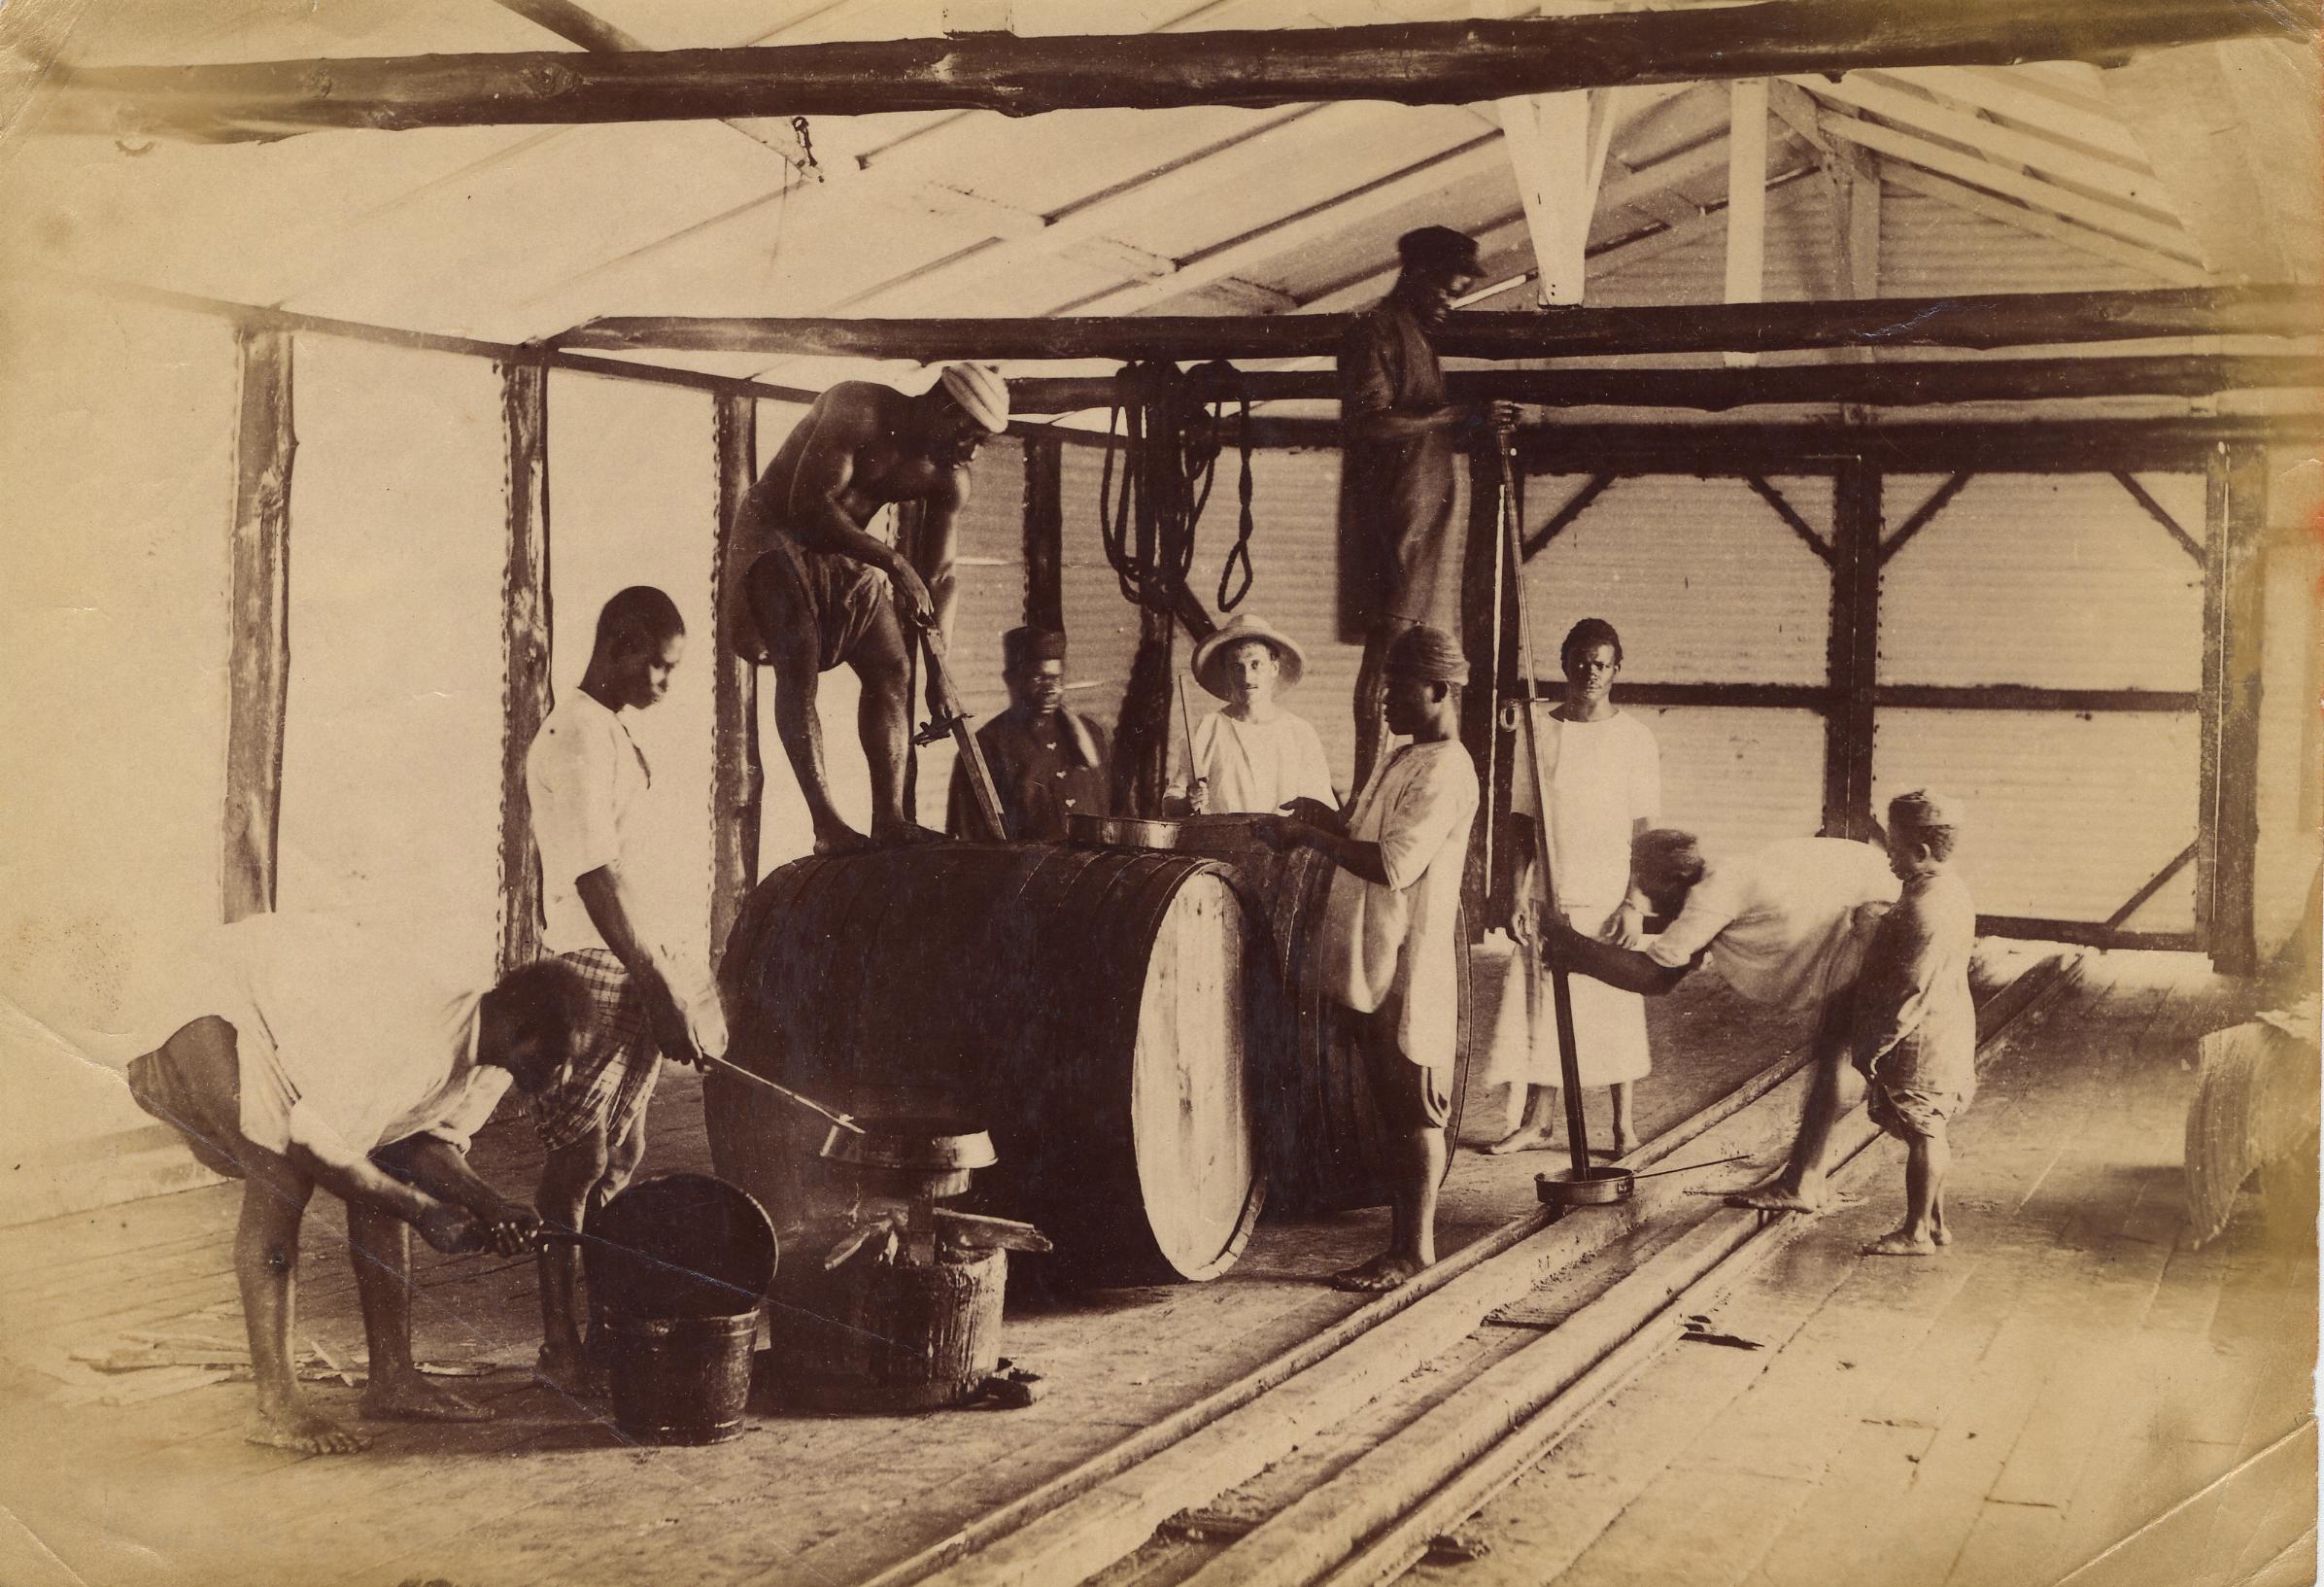 大约19世纪末的棕榈油工厂,地点可能在奥波博(Opobo)或邦尼。图片版权 ©Jonathan Adagogo Green/大英博物馆托管会,CC BY NC SA